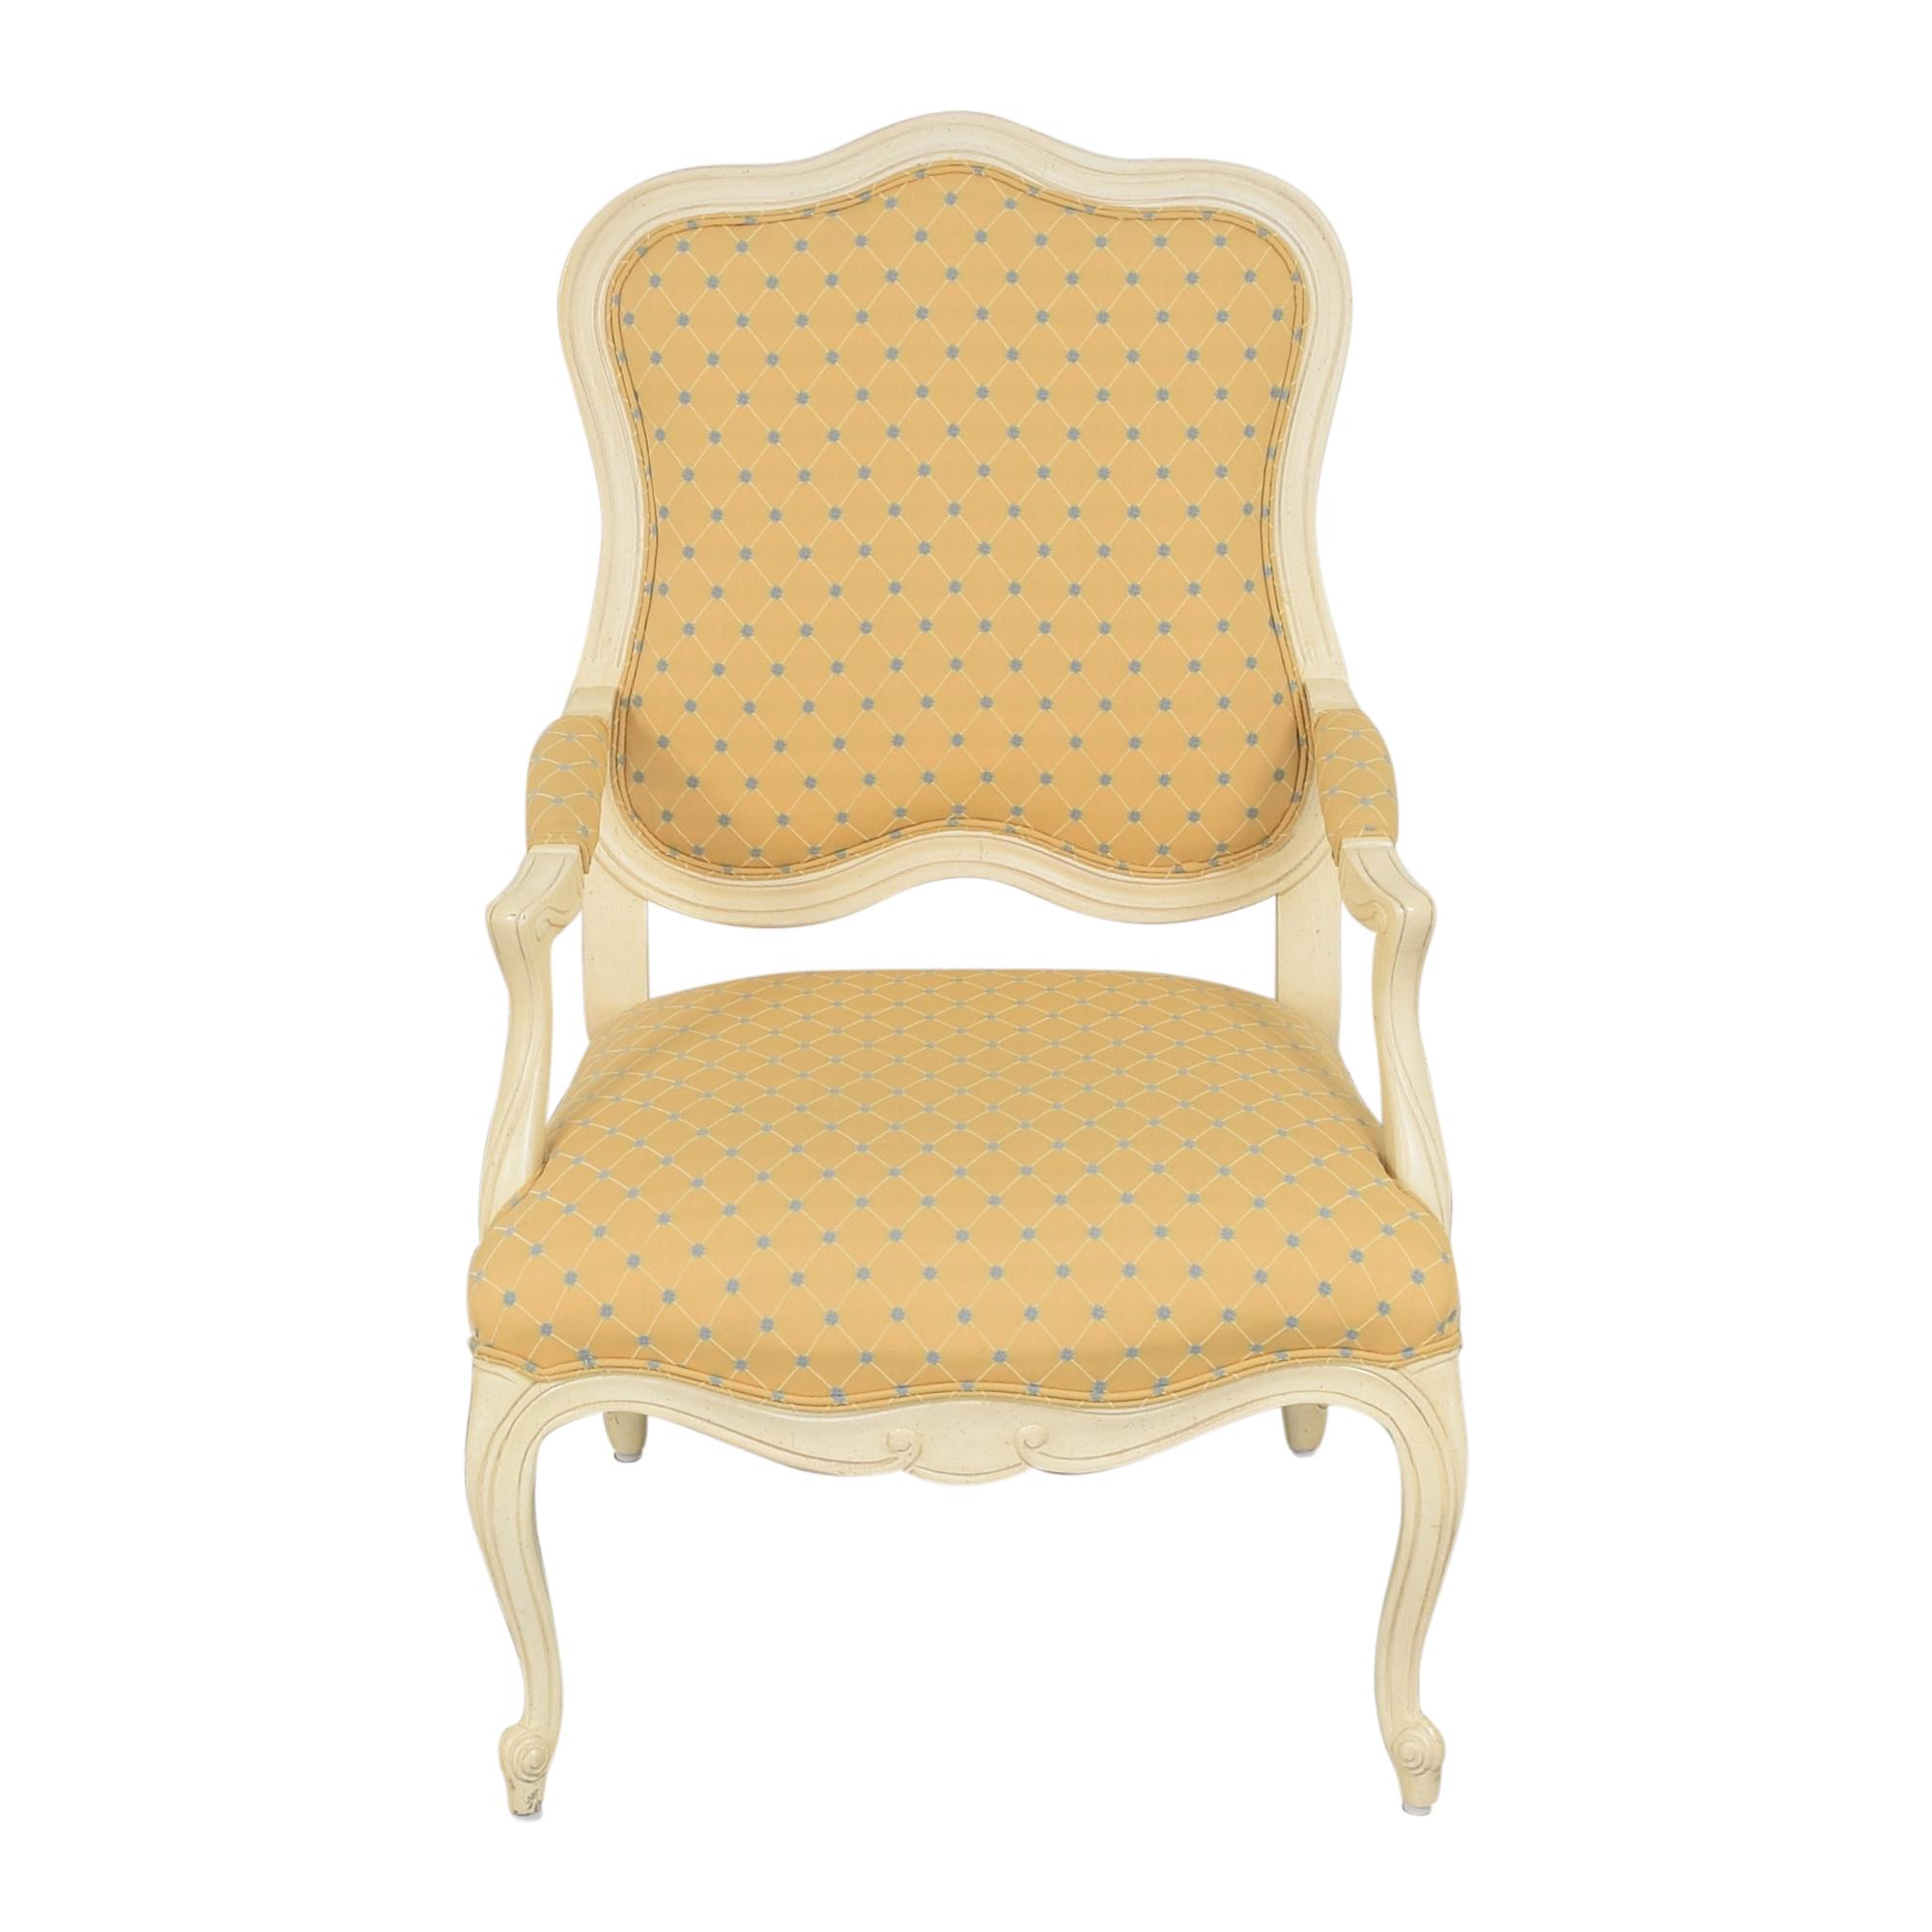 Ethan Allen Ethan Allen Chantel Chair multi